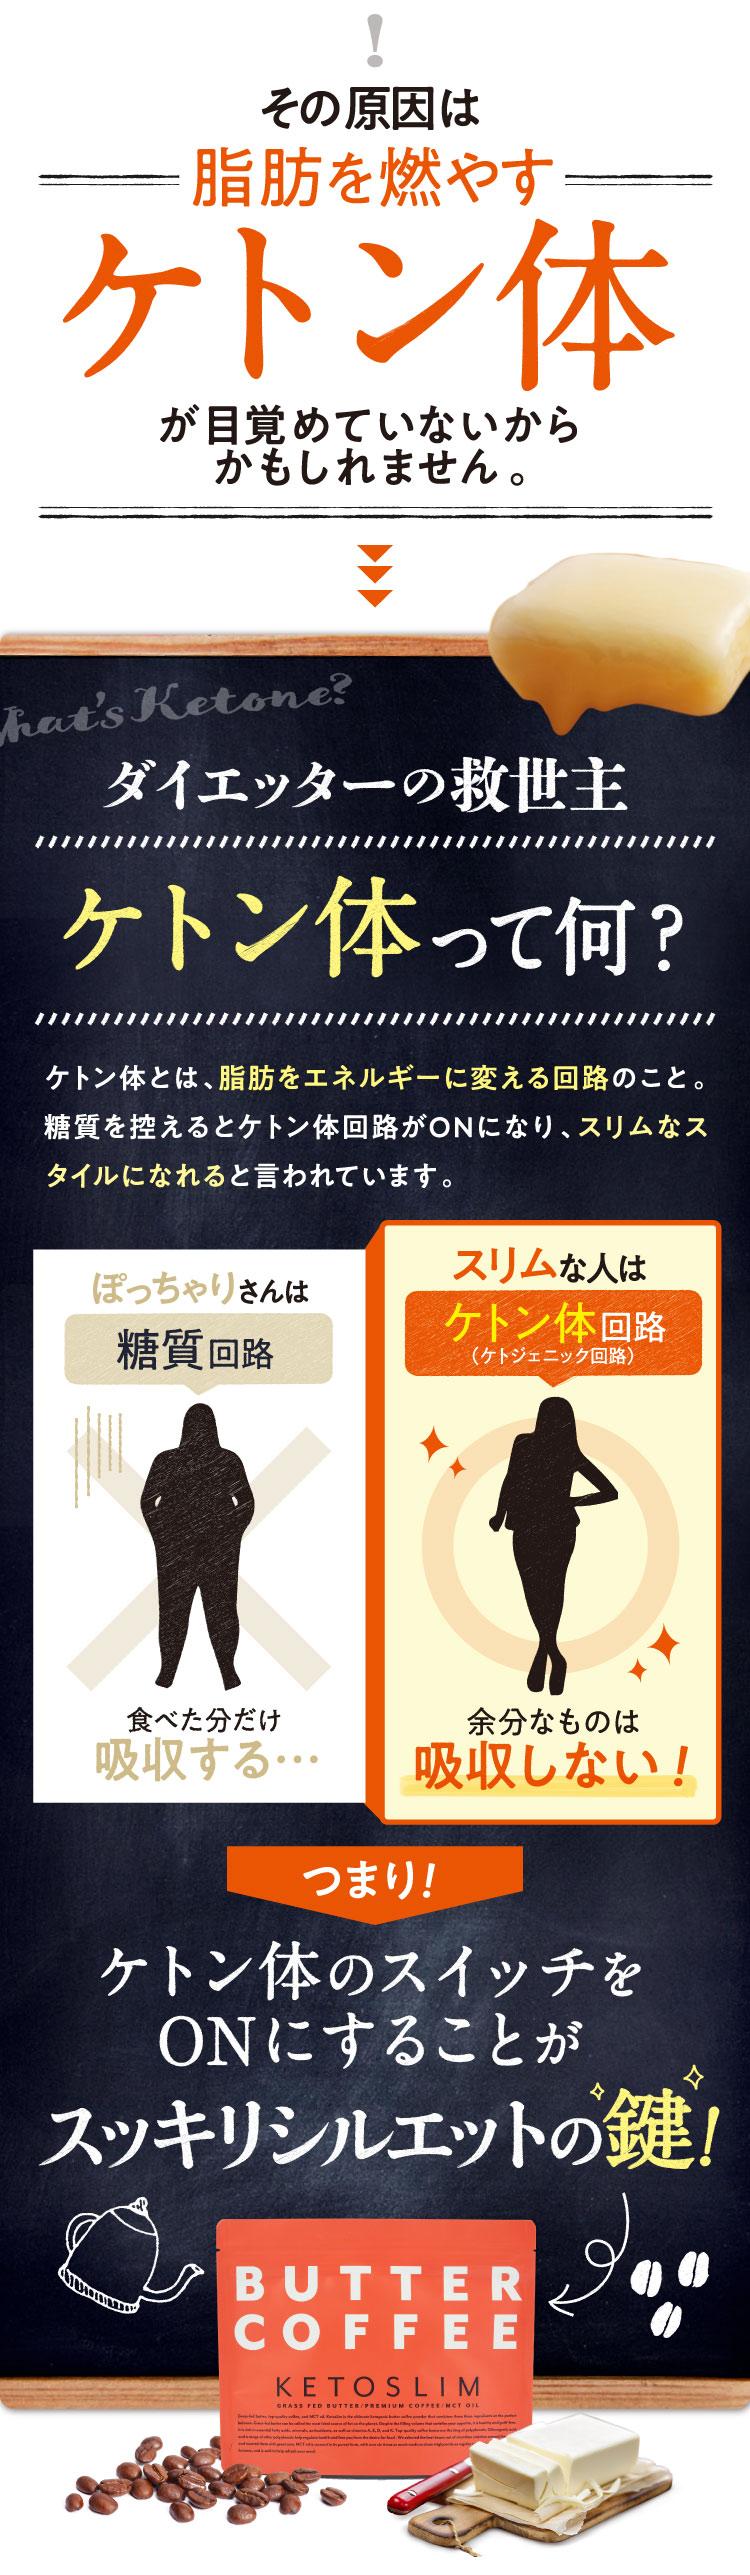 その原因は脂肪を燃やすケトン体が目覚めていないからかもしれません。→→→ダイエッターの救世主 「ケトン体って何?」ケトン体とは、脂肪をエネルギーに変える回路のこと。糖質を控えるとケトン体回路がONになり、スリムなスタイルになれると言われています。ぽっちゃりさんは糖質回路。食べた分だけ吸収する。スリムな人はケトン体回路(ケトジェニック回路)。余分なものは吸収しない!つまり!ケトン体のスイッチをONにすることがスッキリシルエットの鍵!